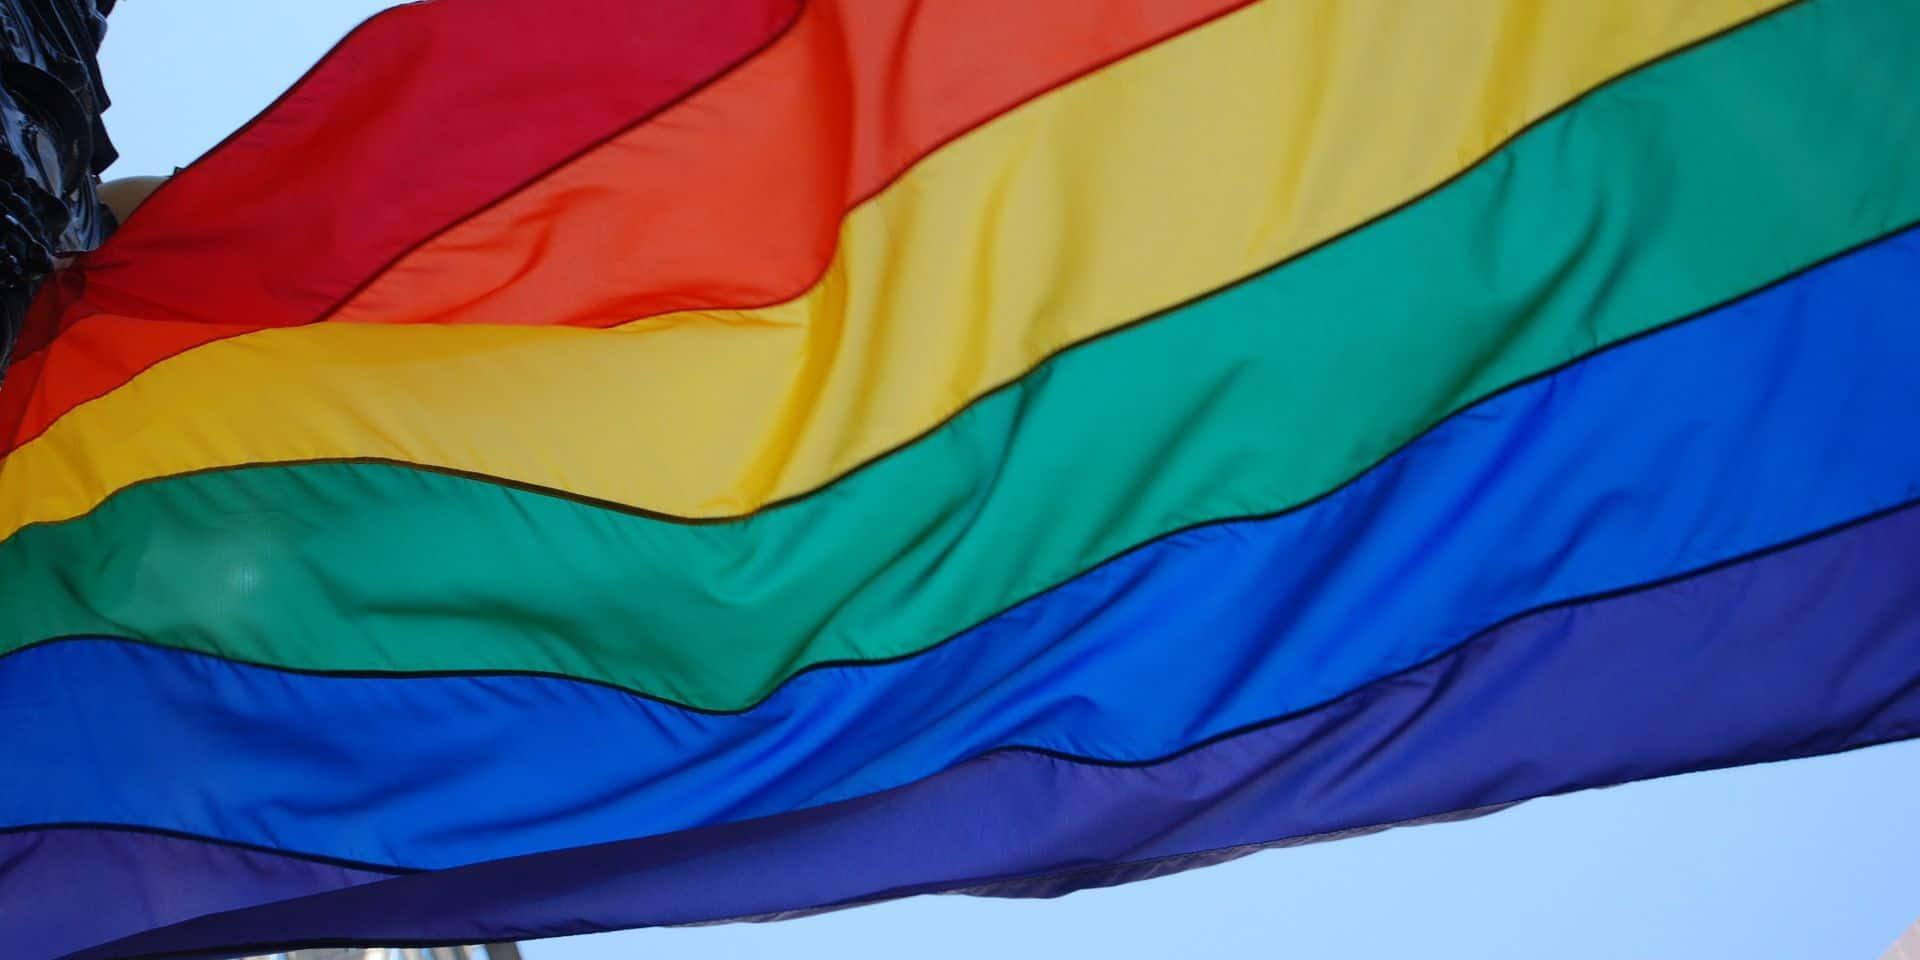 Charleroi: Genres Pluriels soutient les personnes transgenres